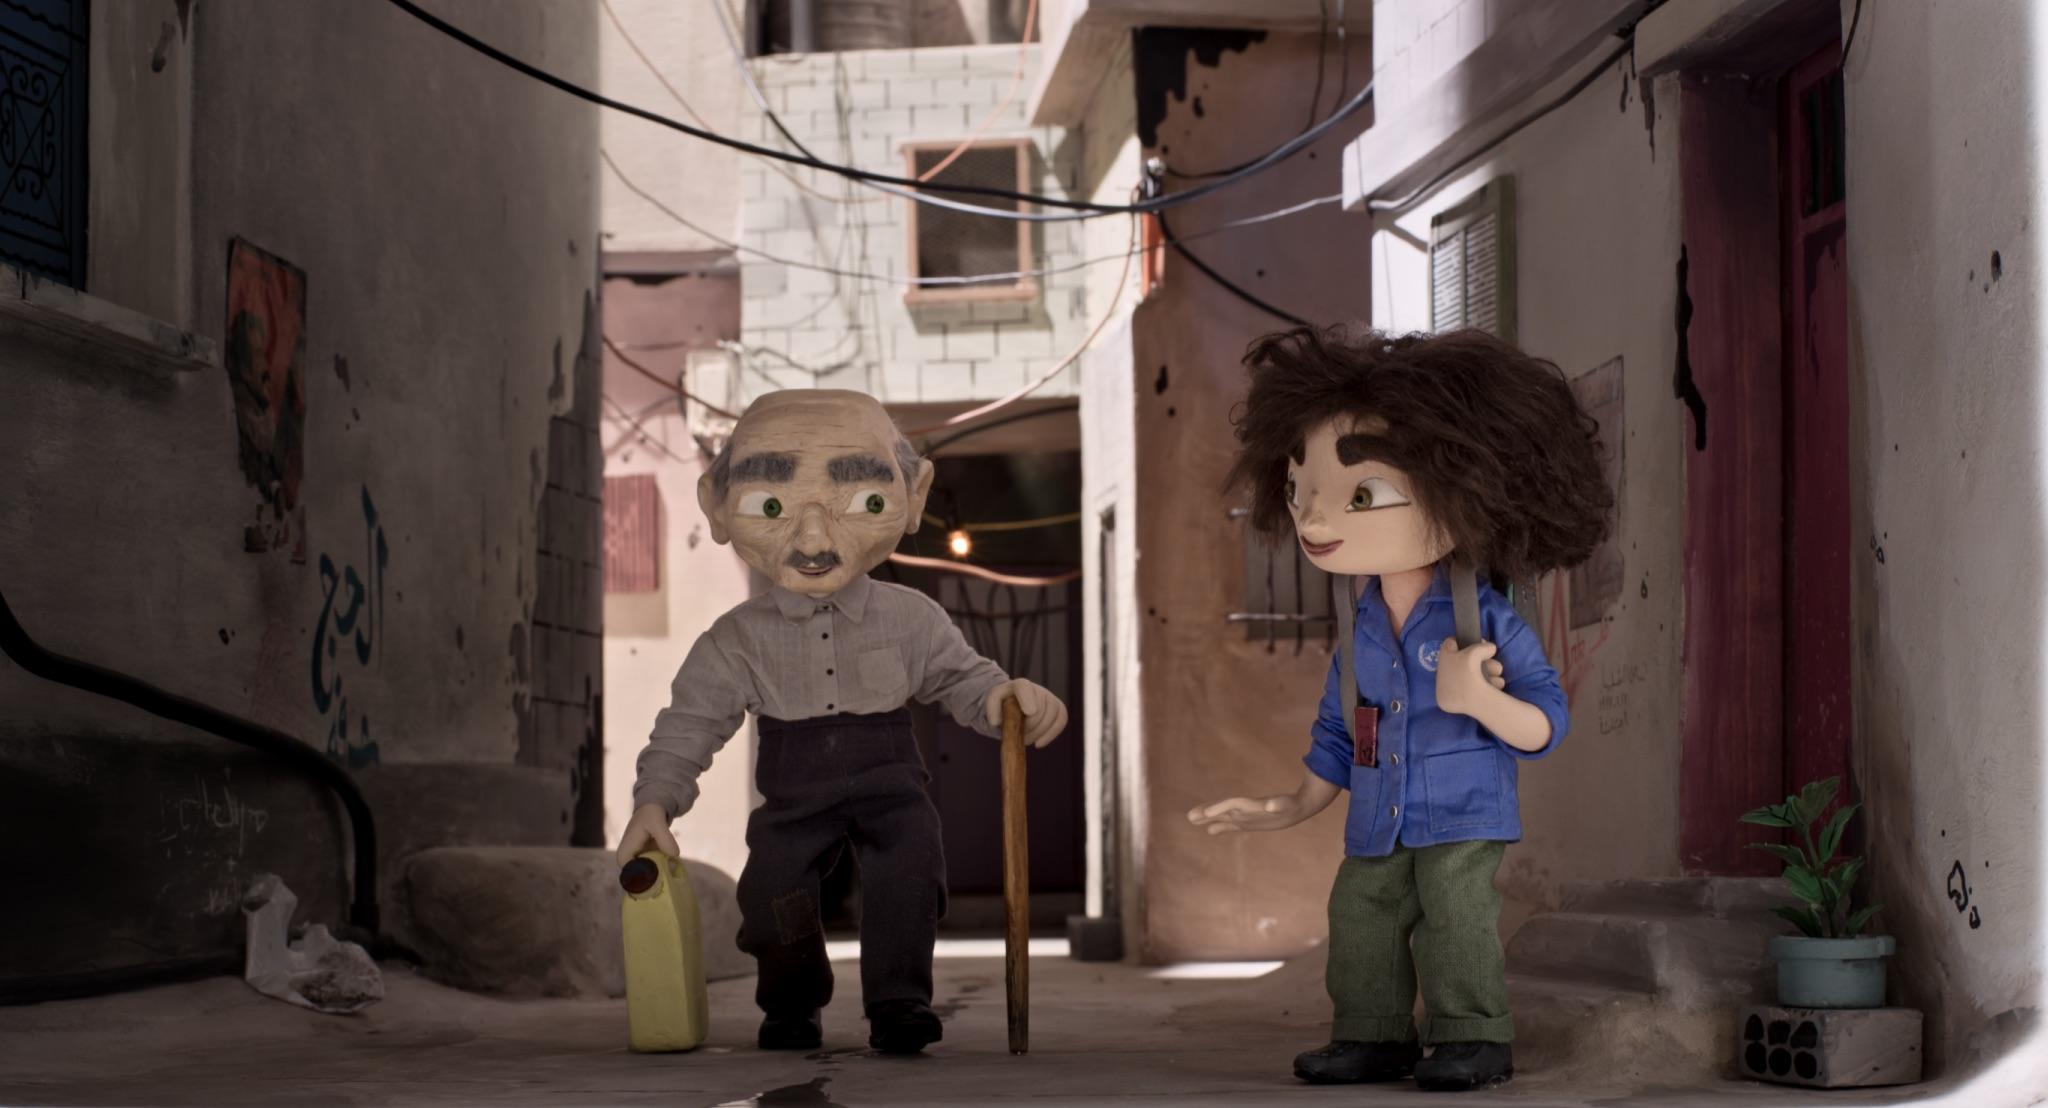 11-åringen Wardi og oldefar Sidi i den palestinske flyktningeleiren Bourj al Baranej i Beirut. (Foto: Europafilm)